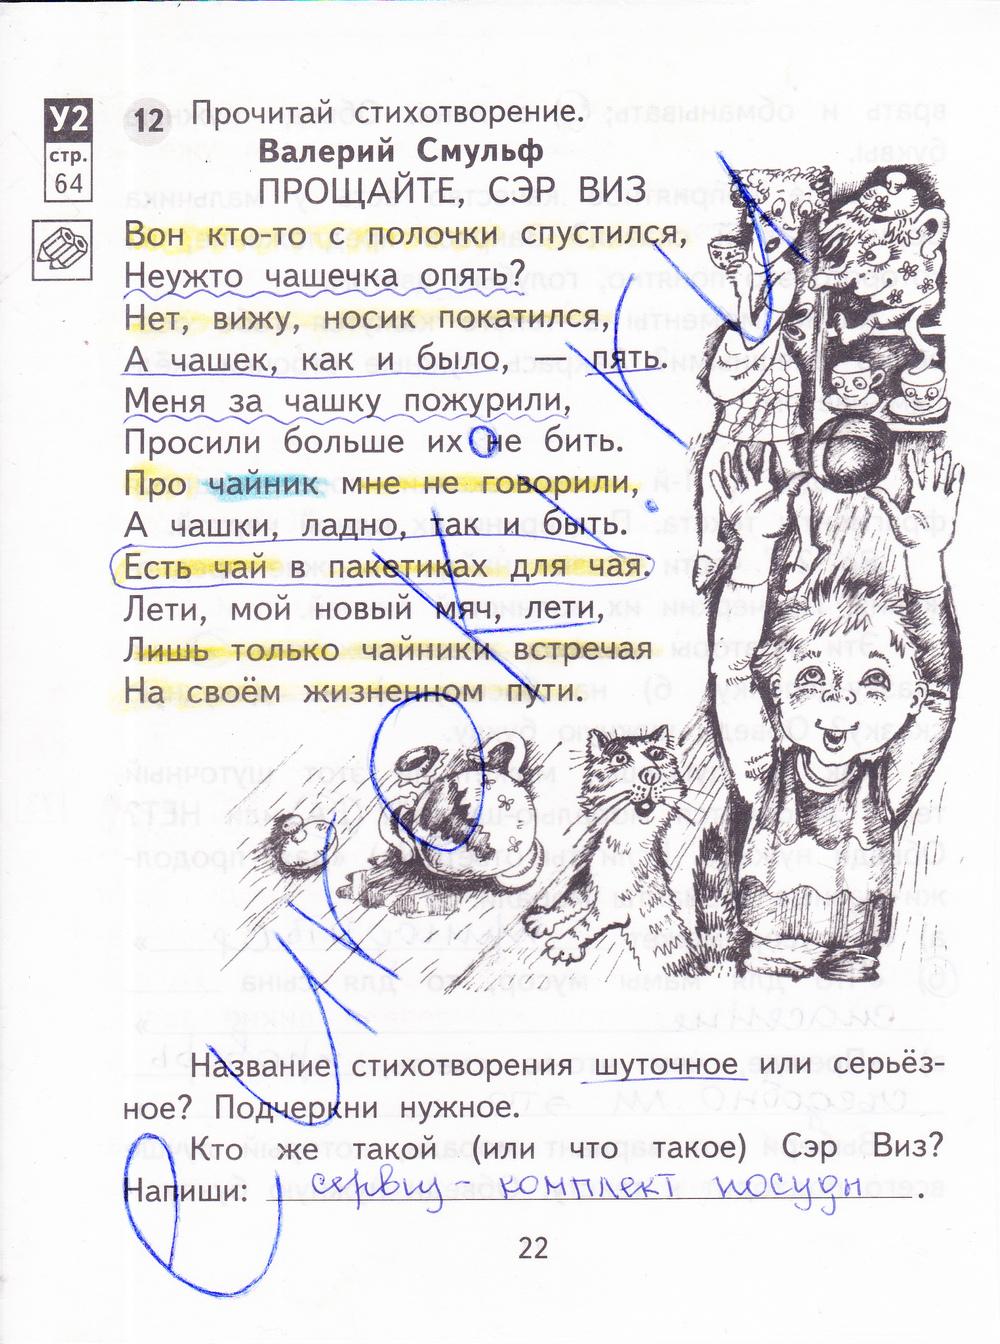 Гдз по чтению 4 класс тетрадь малаховская